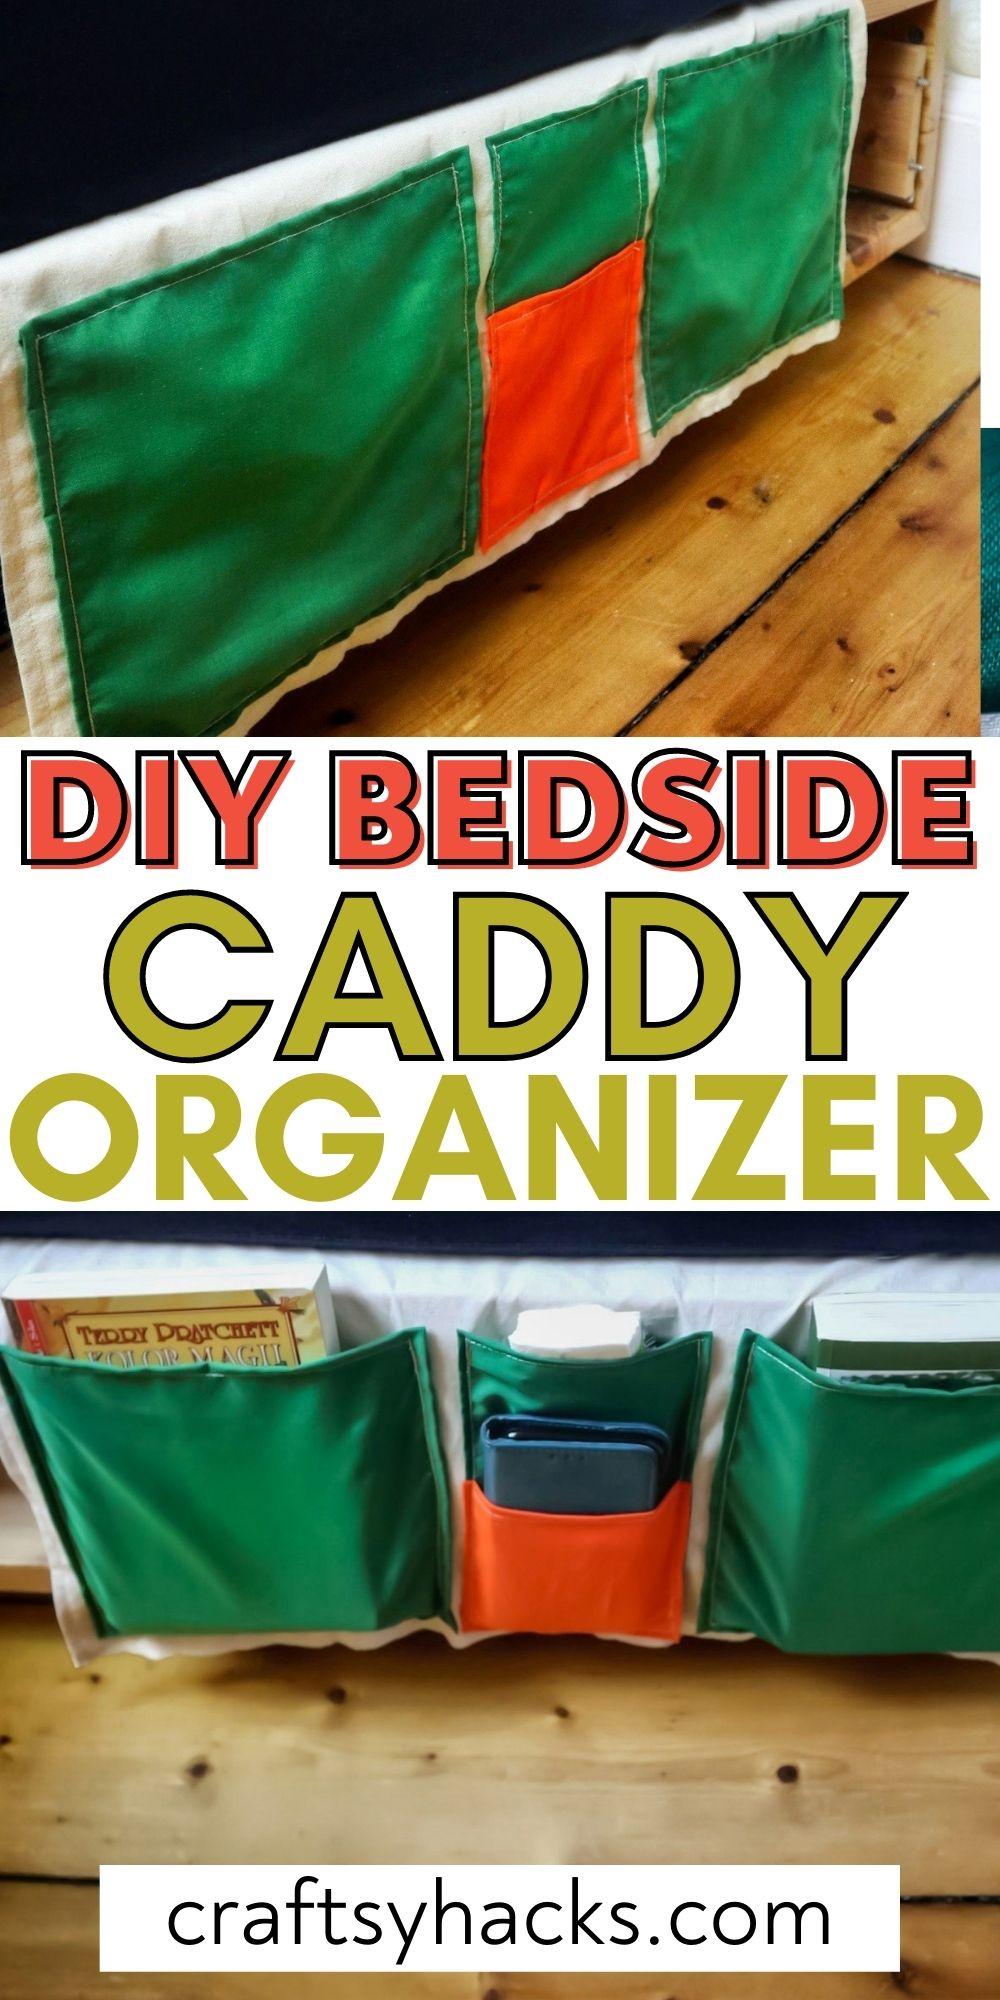 diy bedside caddy organizer